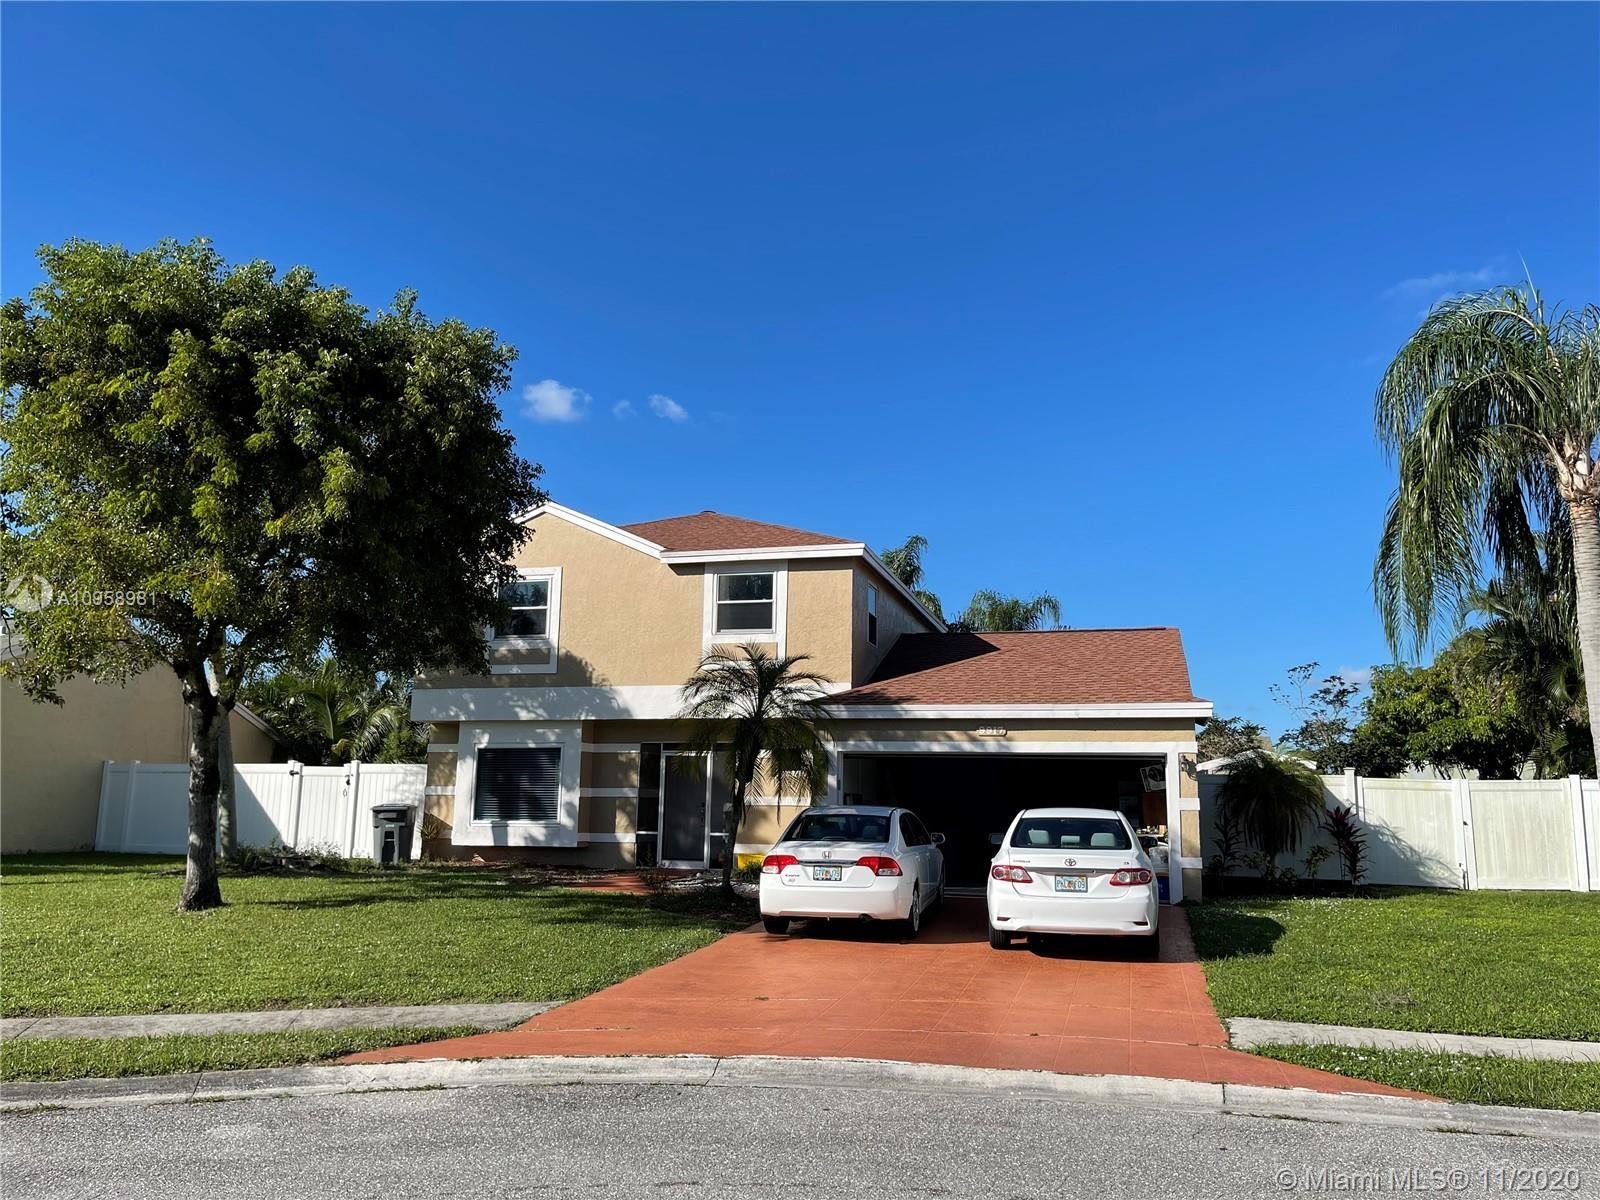 9917 Moss Pond Dr, Boca Raton, FL 33496 - #: A10958981